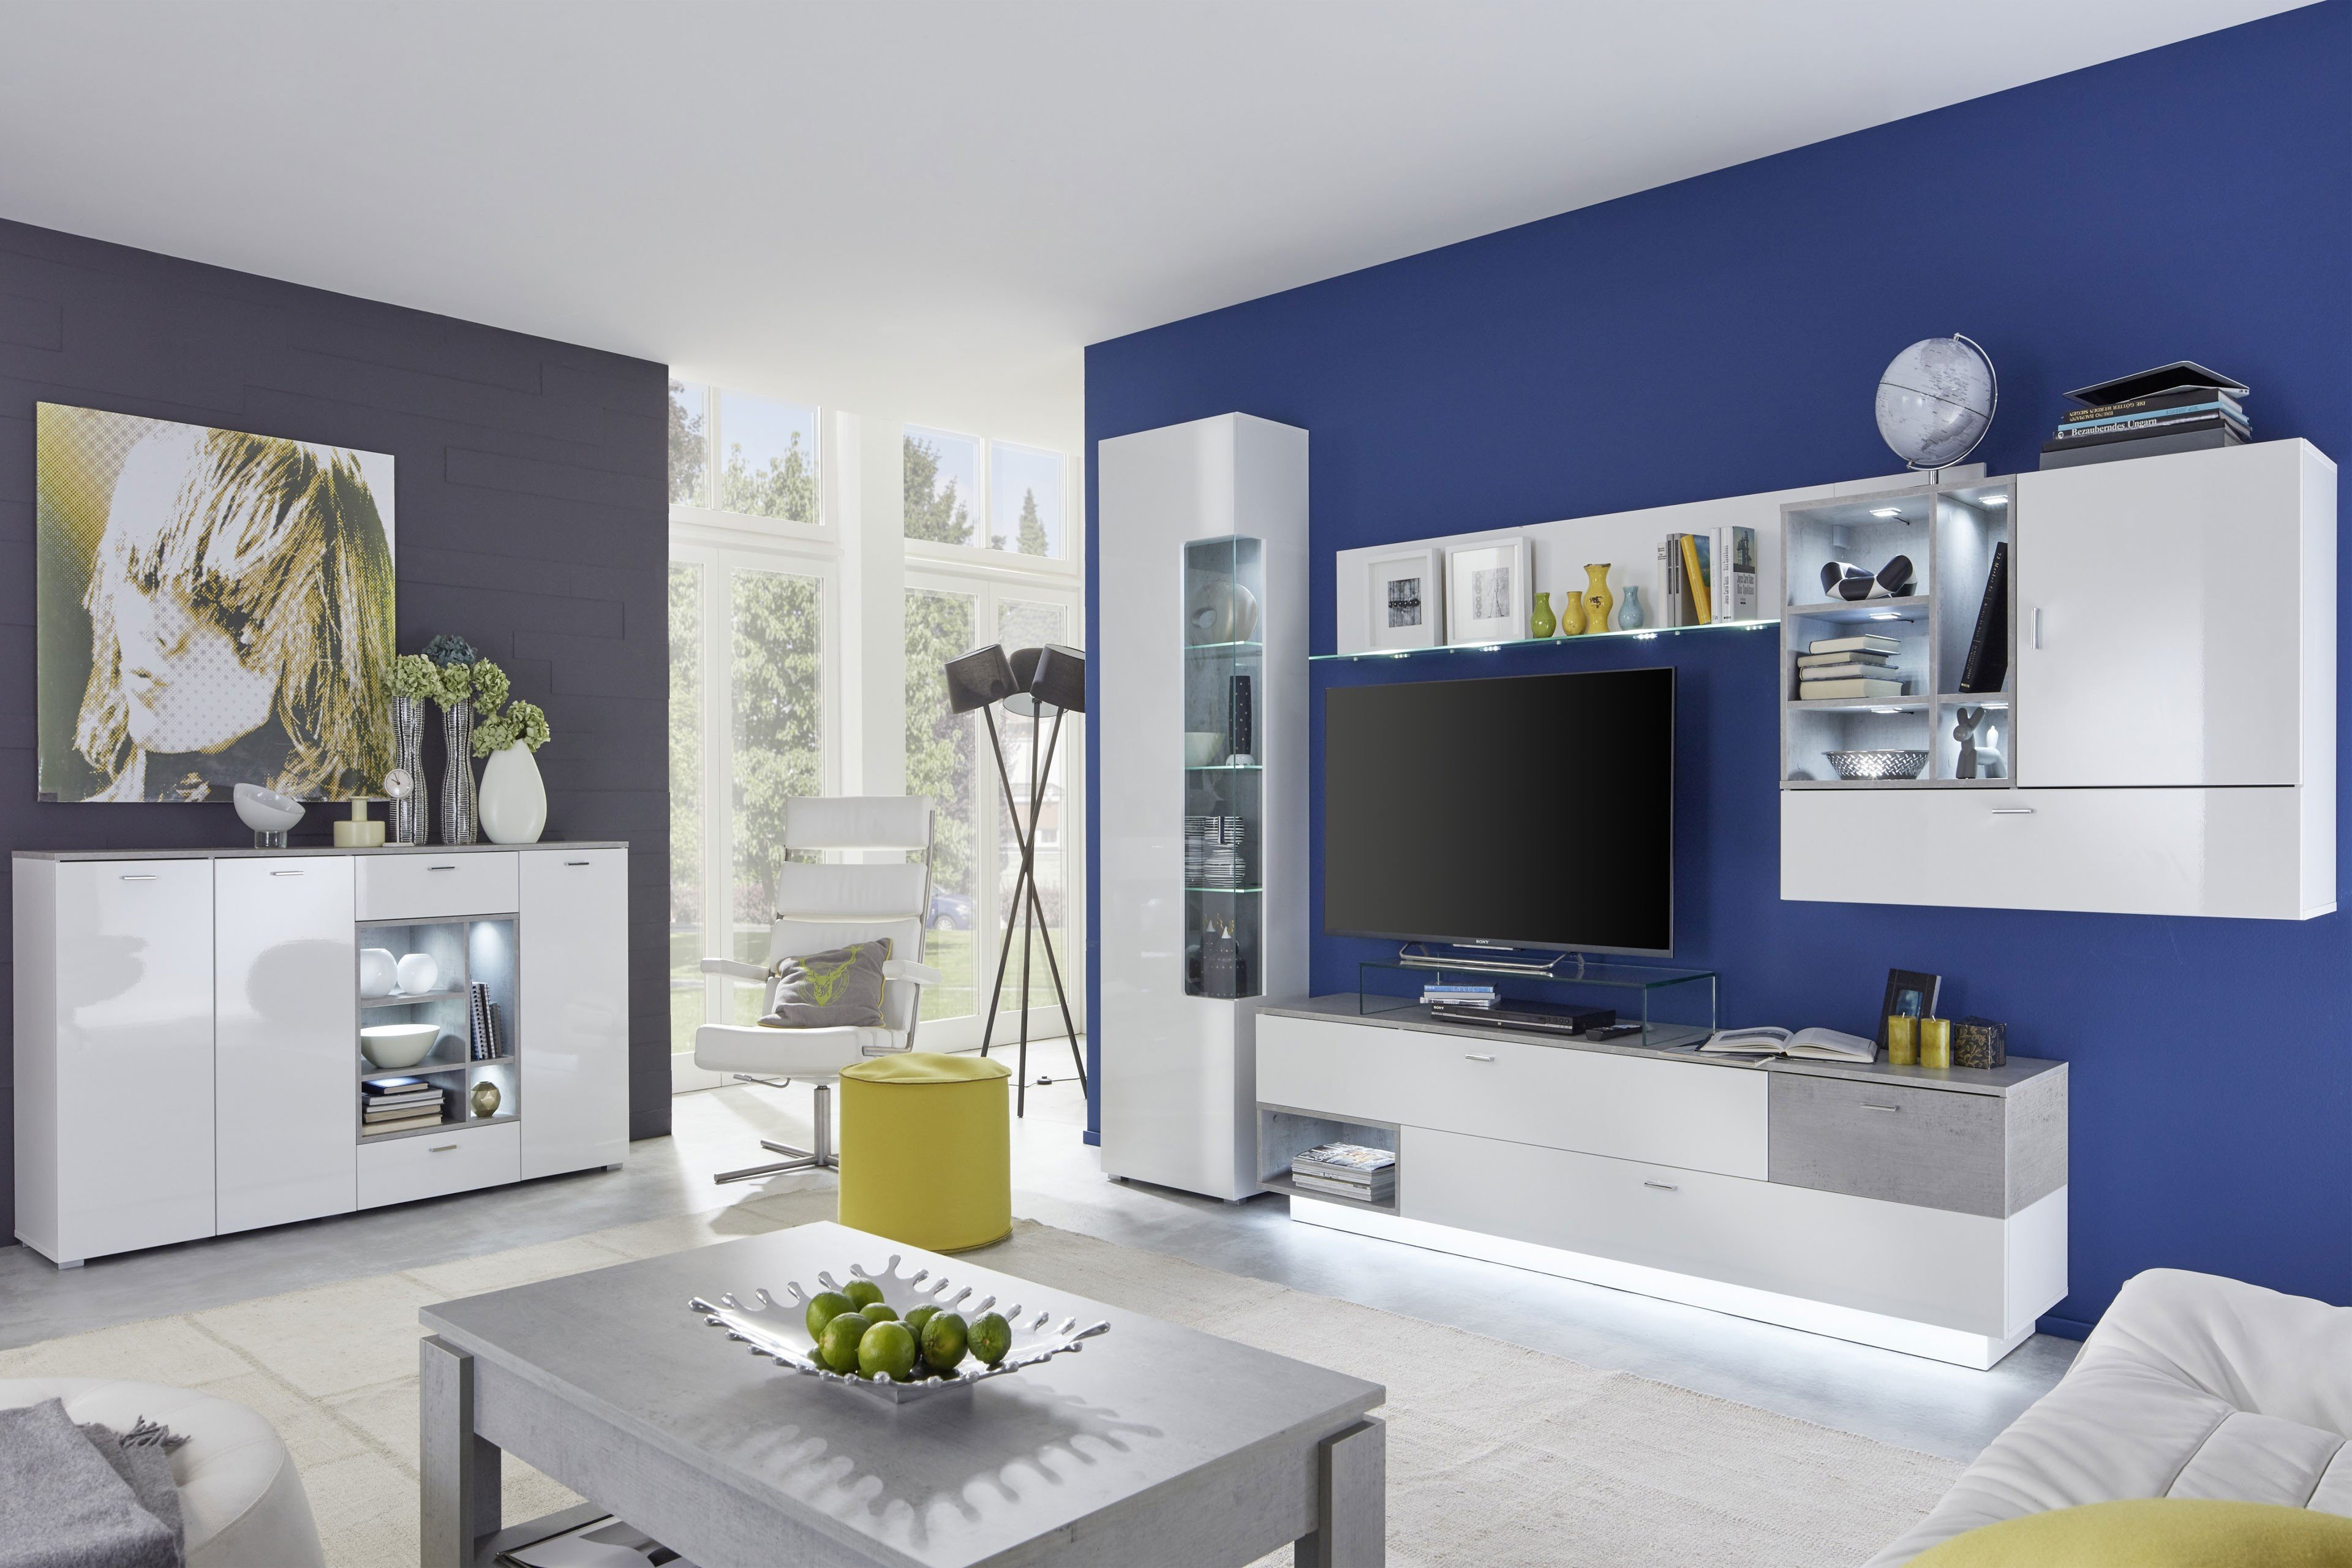 wohnwand regon von inter furn wei beton industry m bel. Black Bedroom Furniture Sets. Home Design Ideas